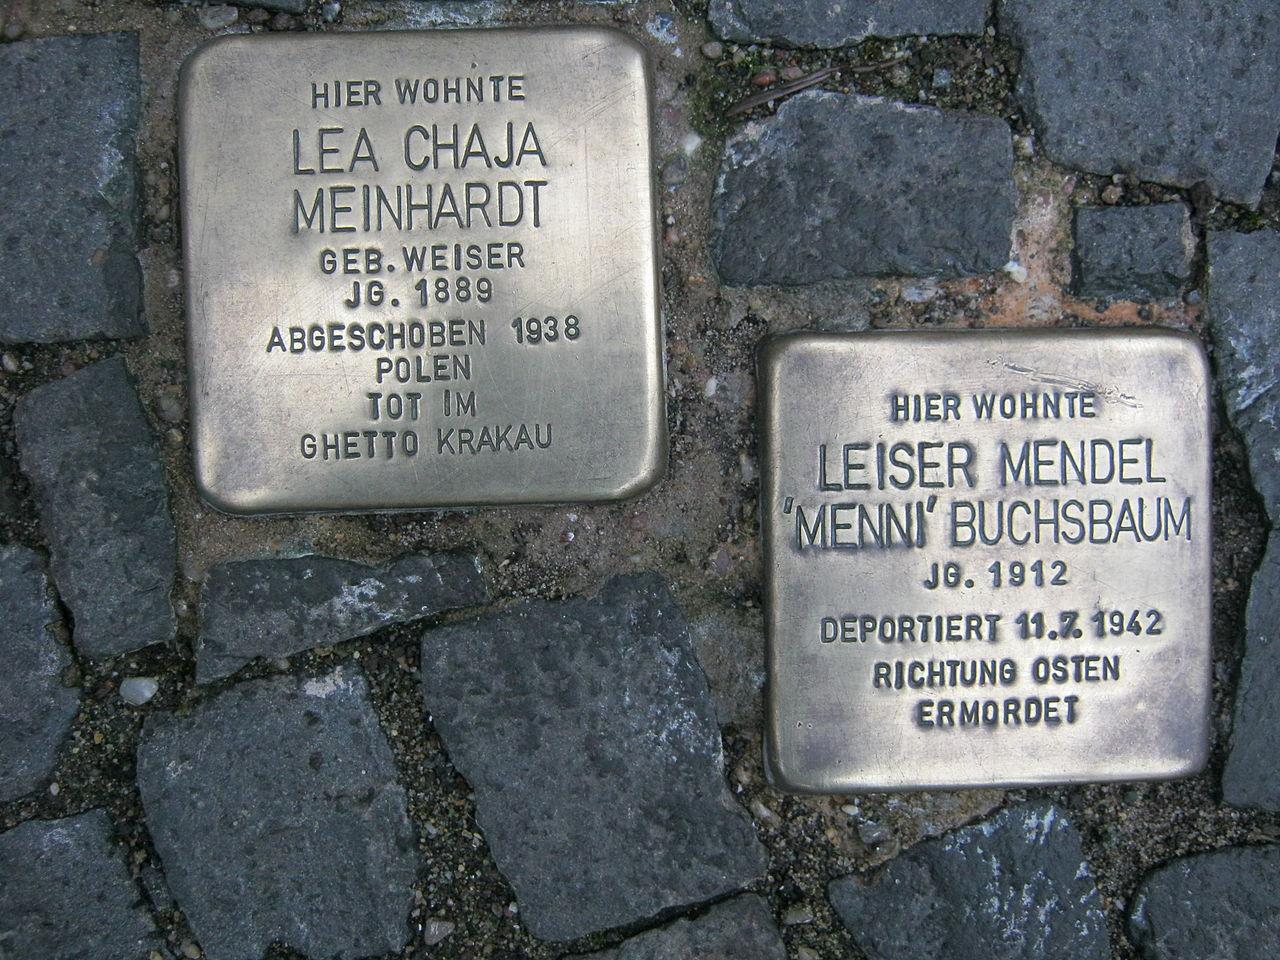 Buchseaum&Meinhardt.jpg